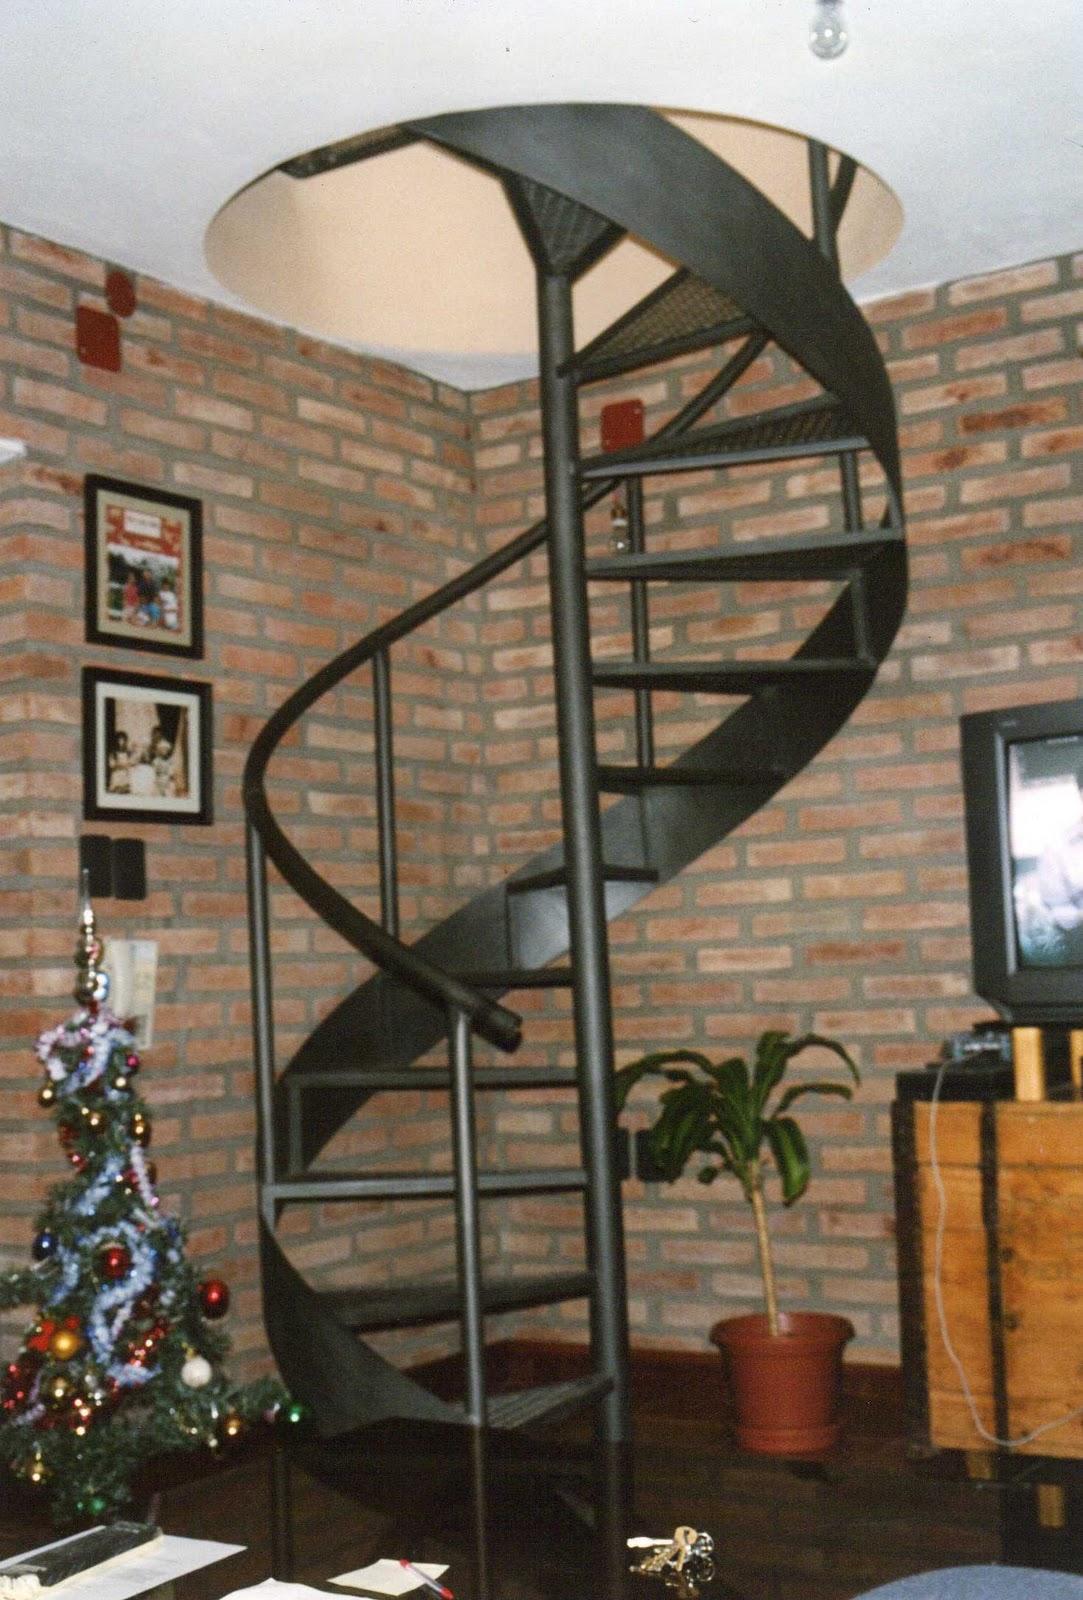 Fabrica de escaleras de hierro forjado ceroli escaleras - Escaleras de hierro forjado ...